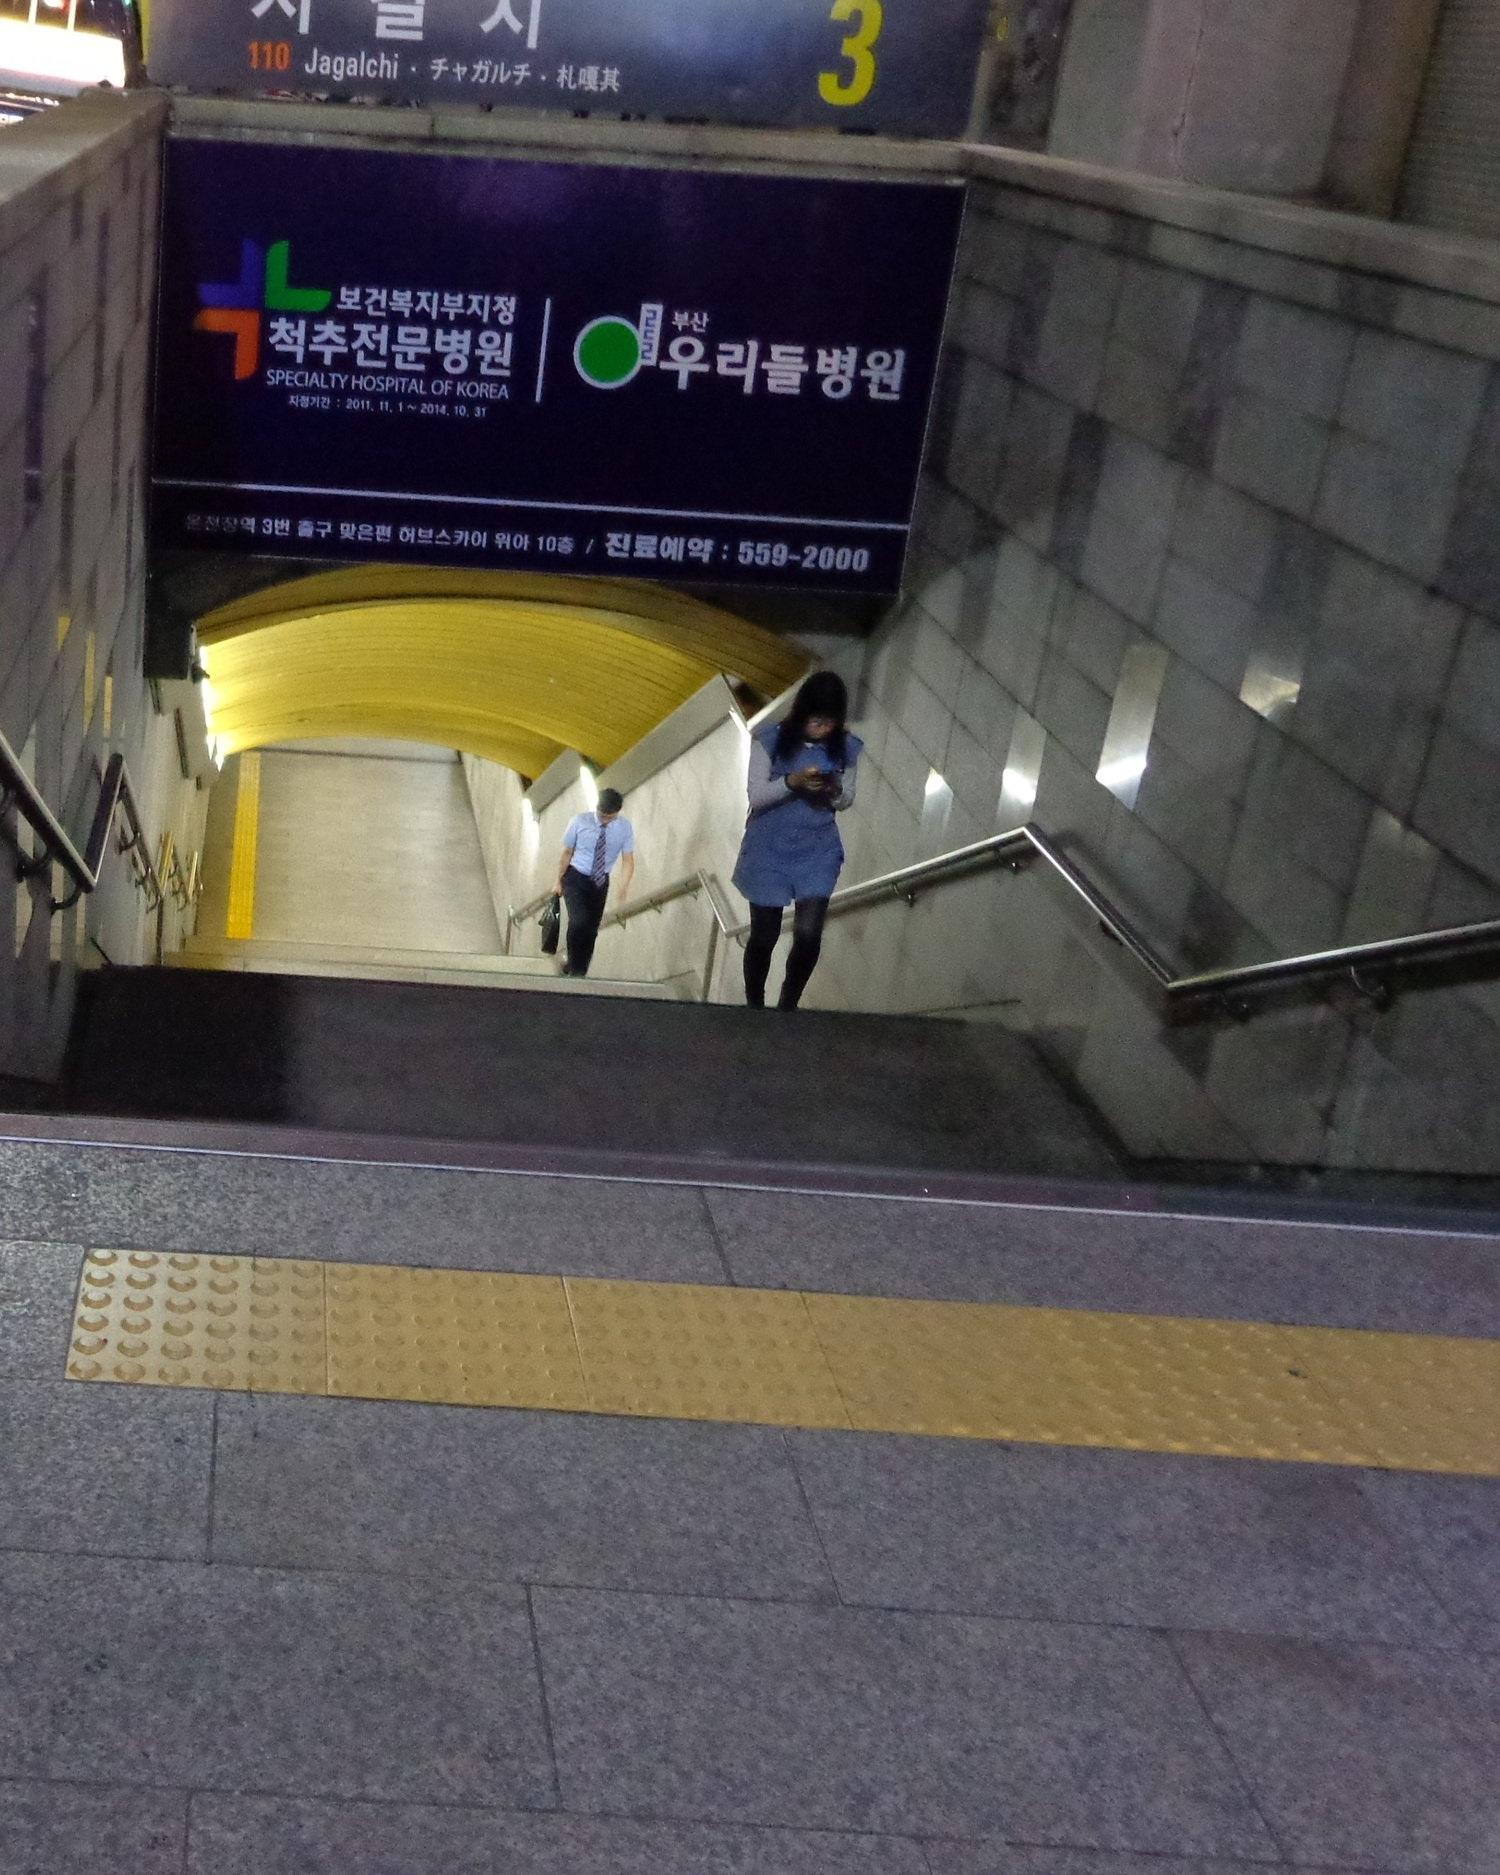 subway_03.jpg